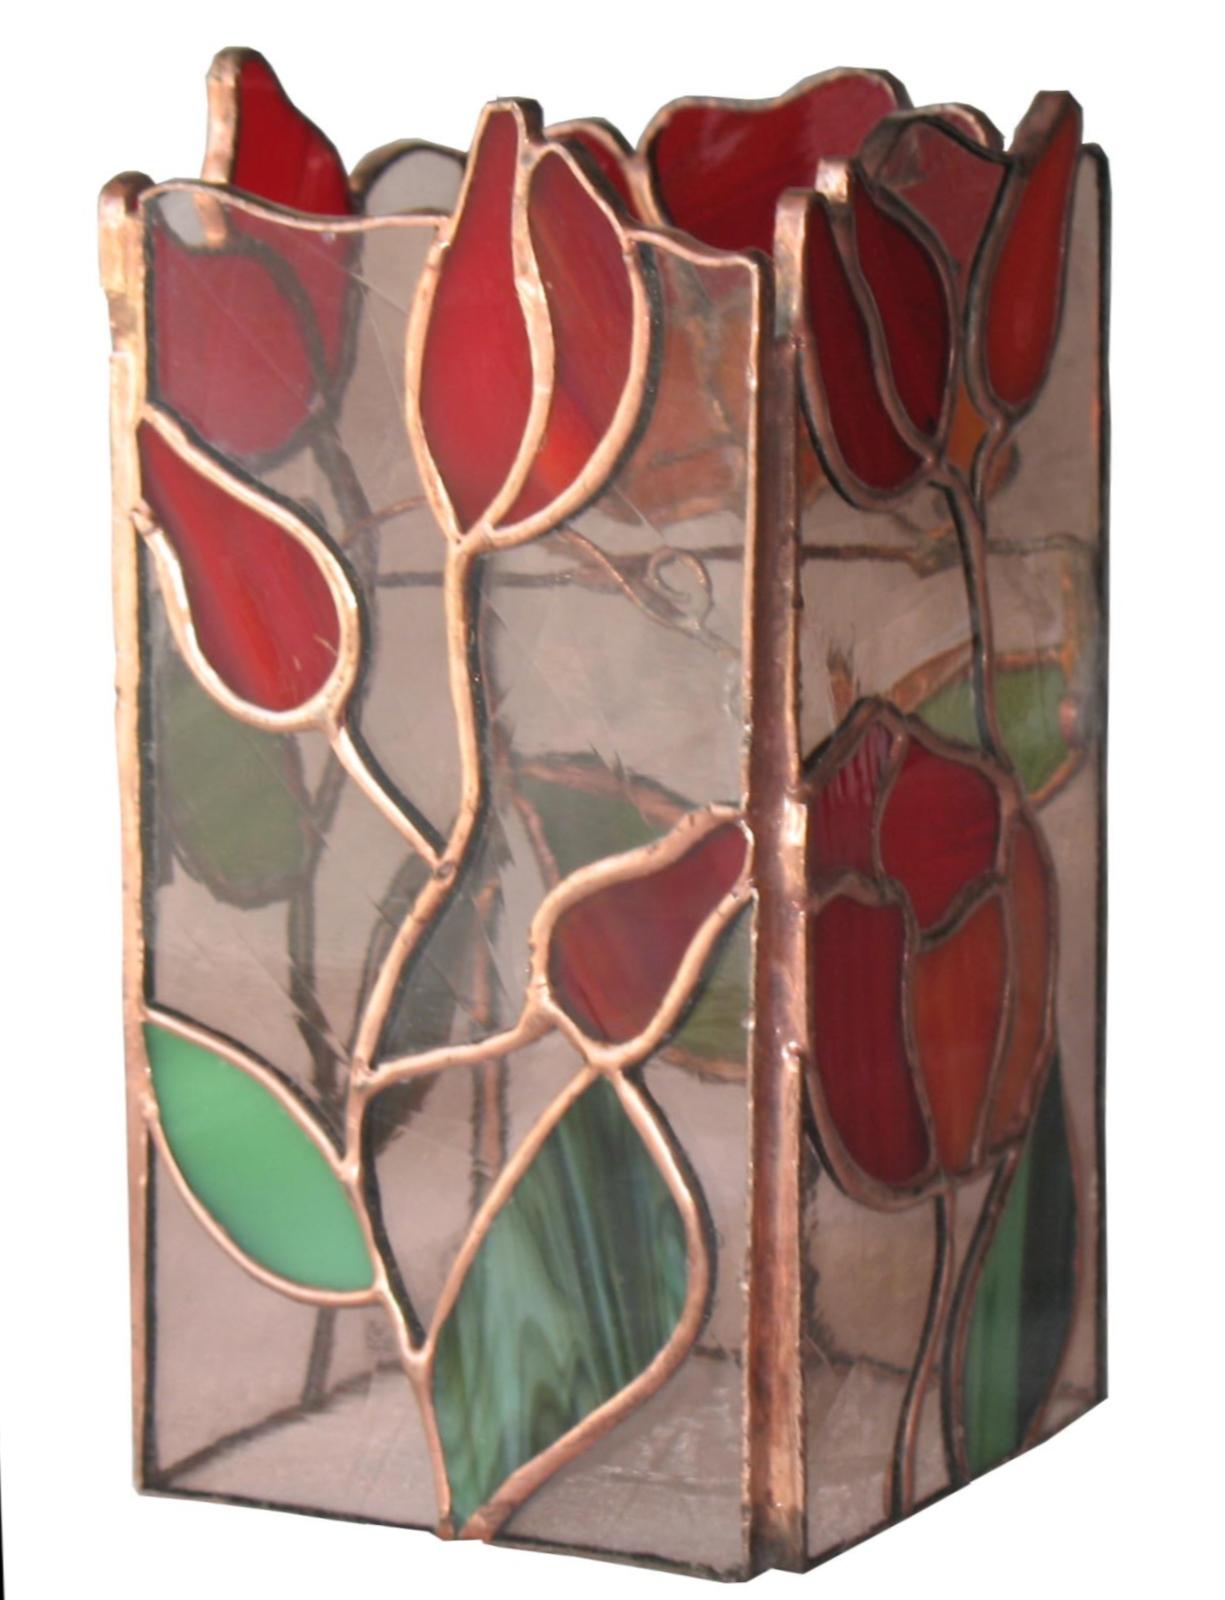 świecznik czerwone kwiaty tiffany kolekcja ogrody marzeń basole